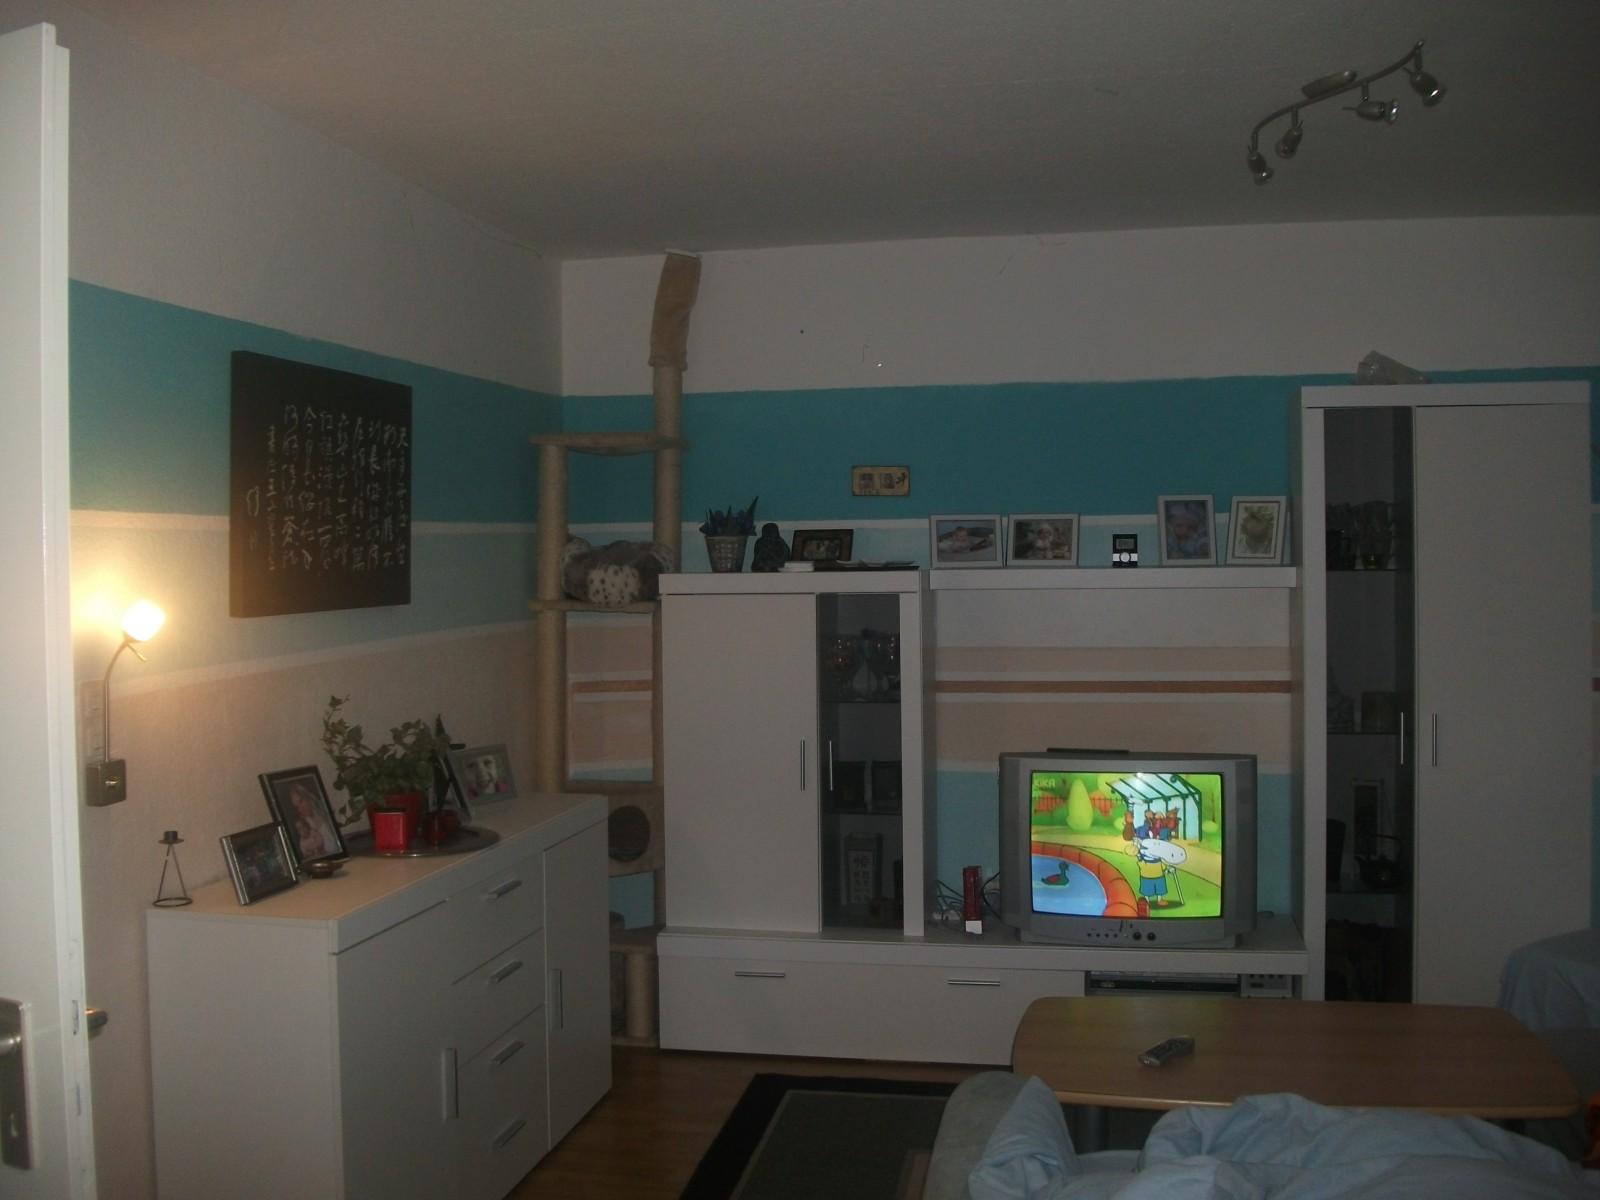 Wohnzimmer 39 neues wohnzimmer 39 alte wohnung zimmerschau - Neues wohnzimmer ...